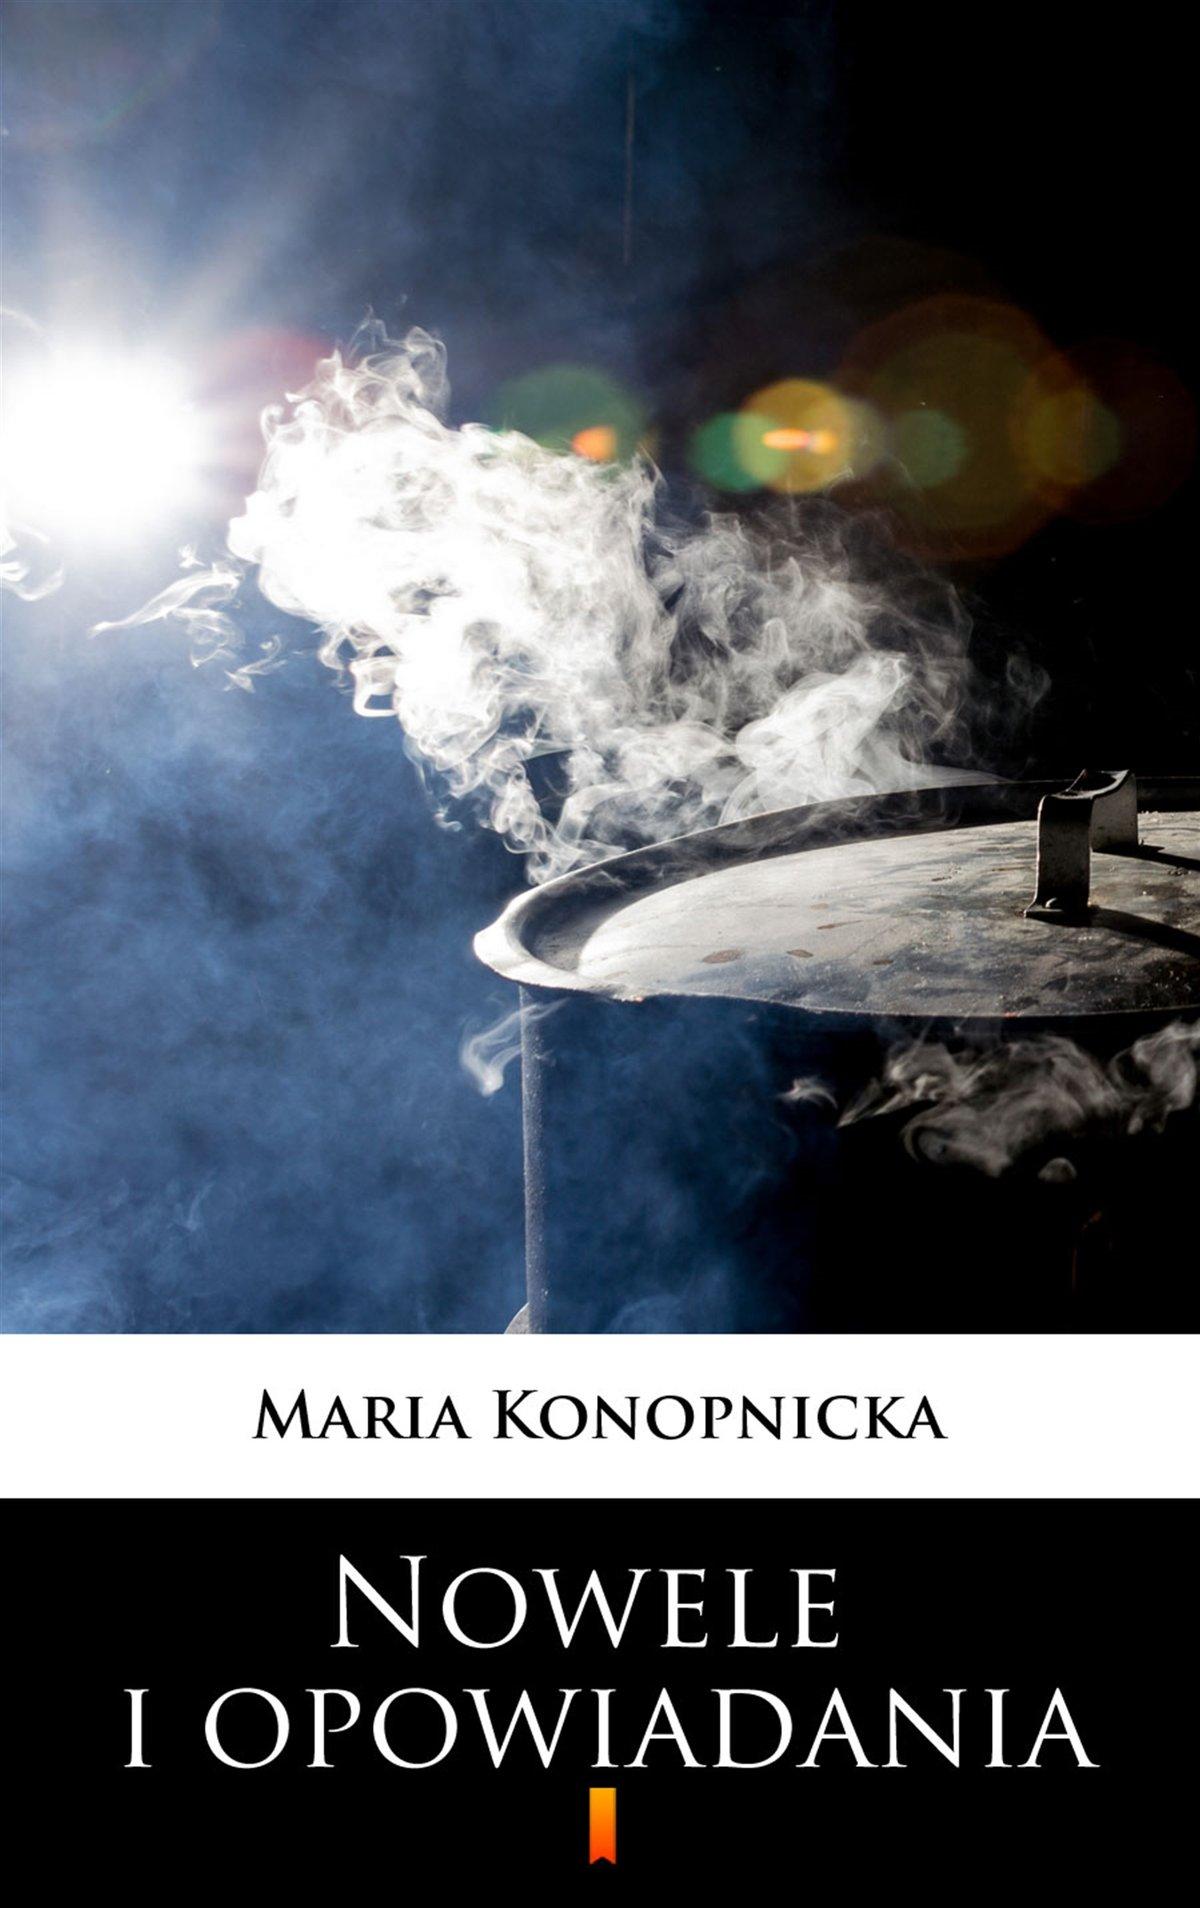 Nowele i opowiadania - Maria Konopnicka